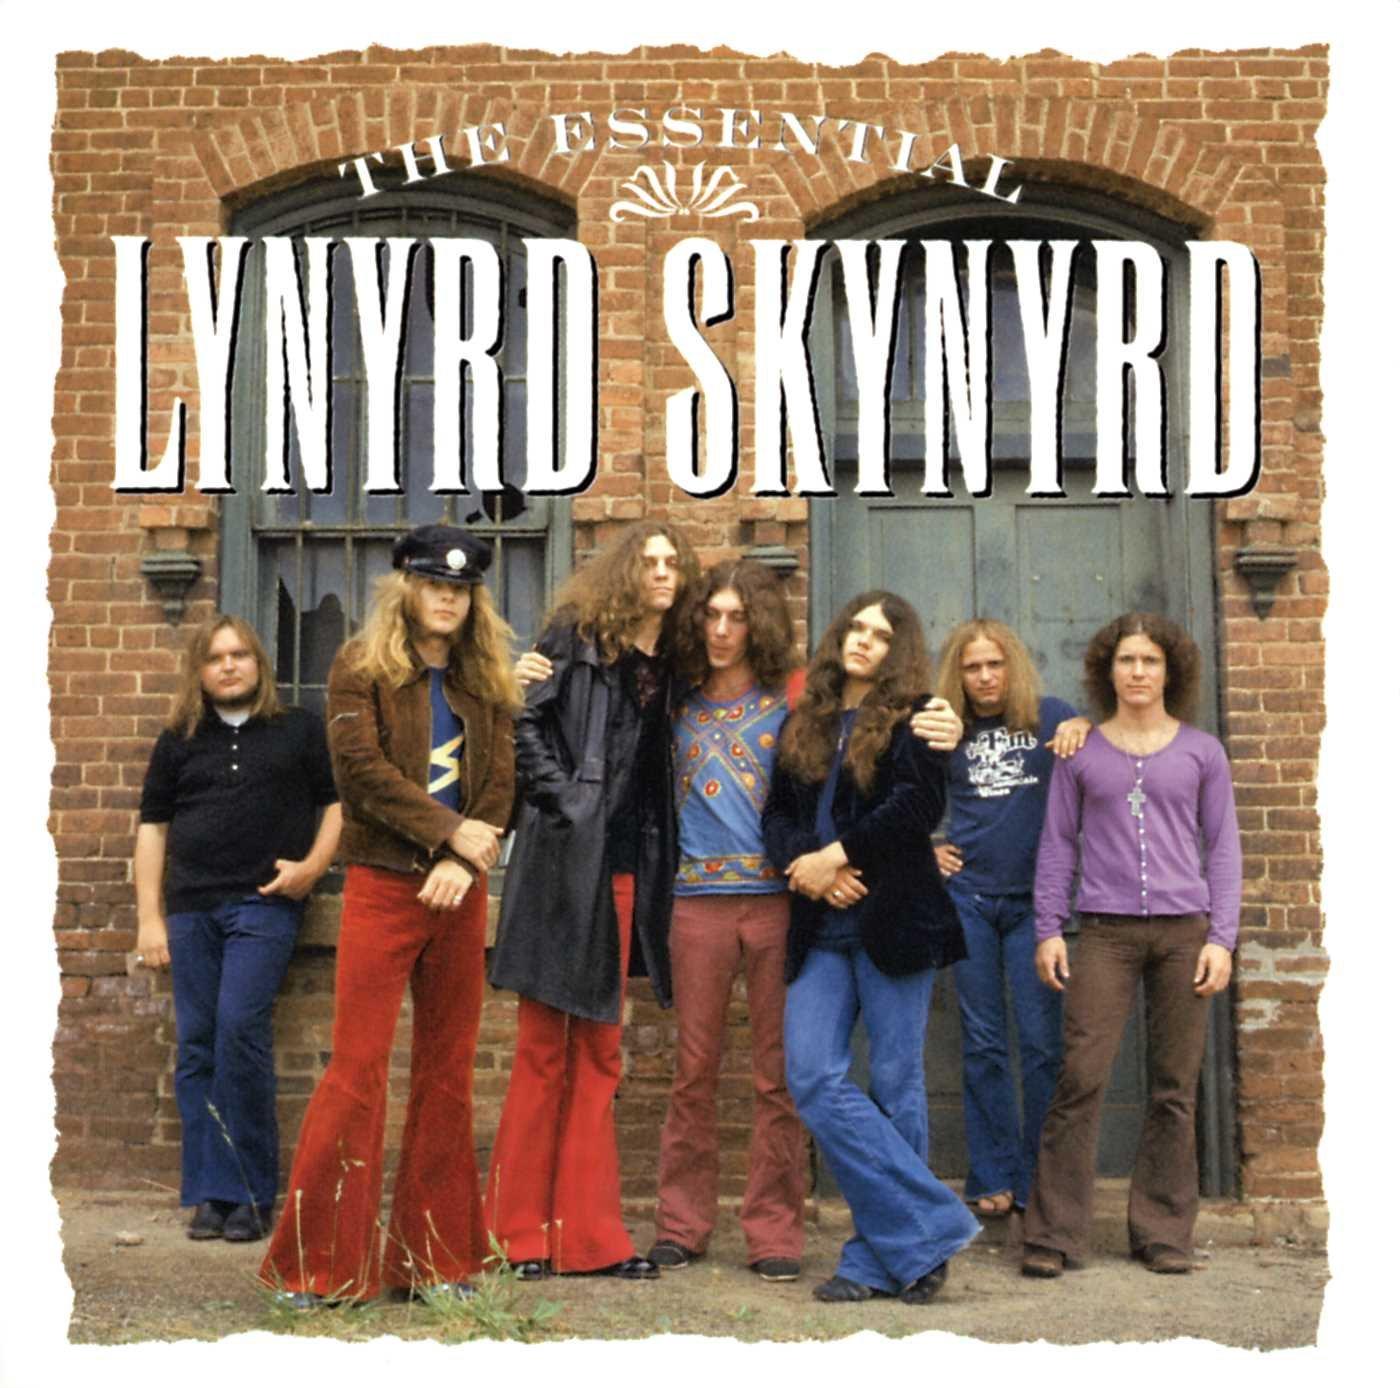 Lynyrd Skynyrd The Essential Lynyrd Skynyrd 2 Cd Set Amazon Com Music